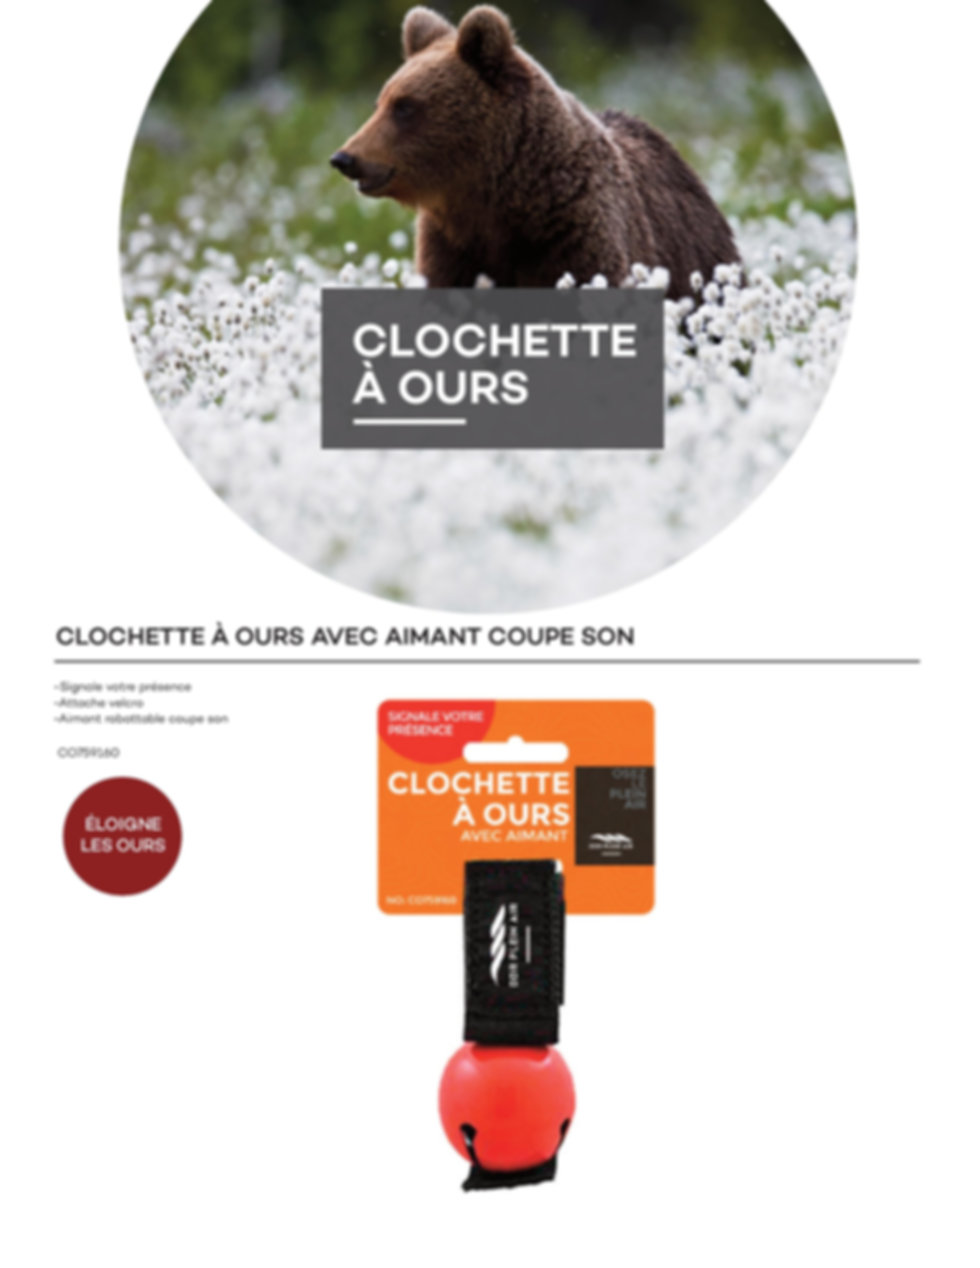 Clochette_à_Ours.jpg